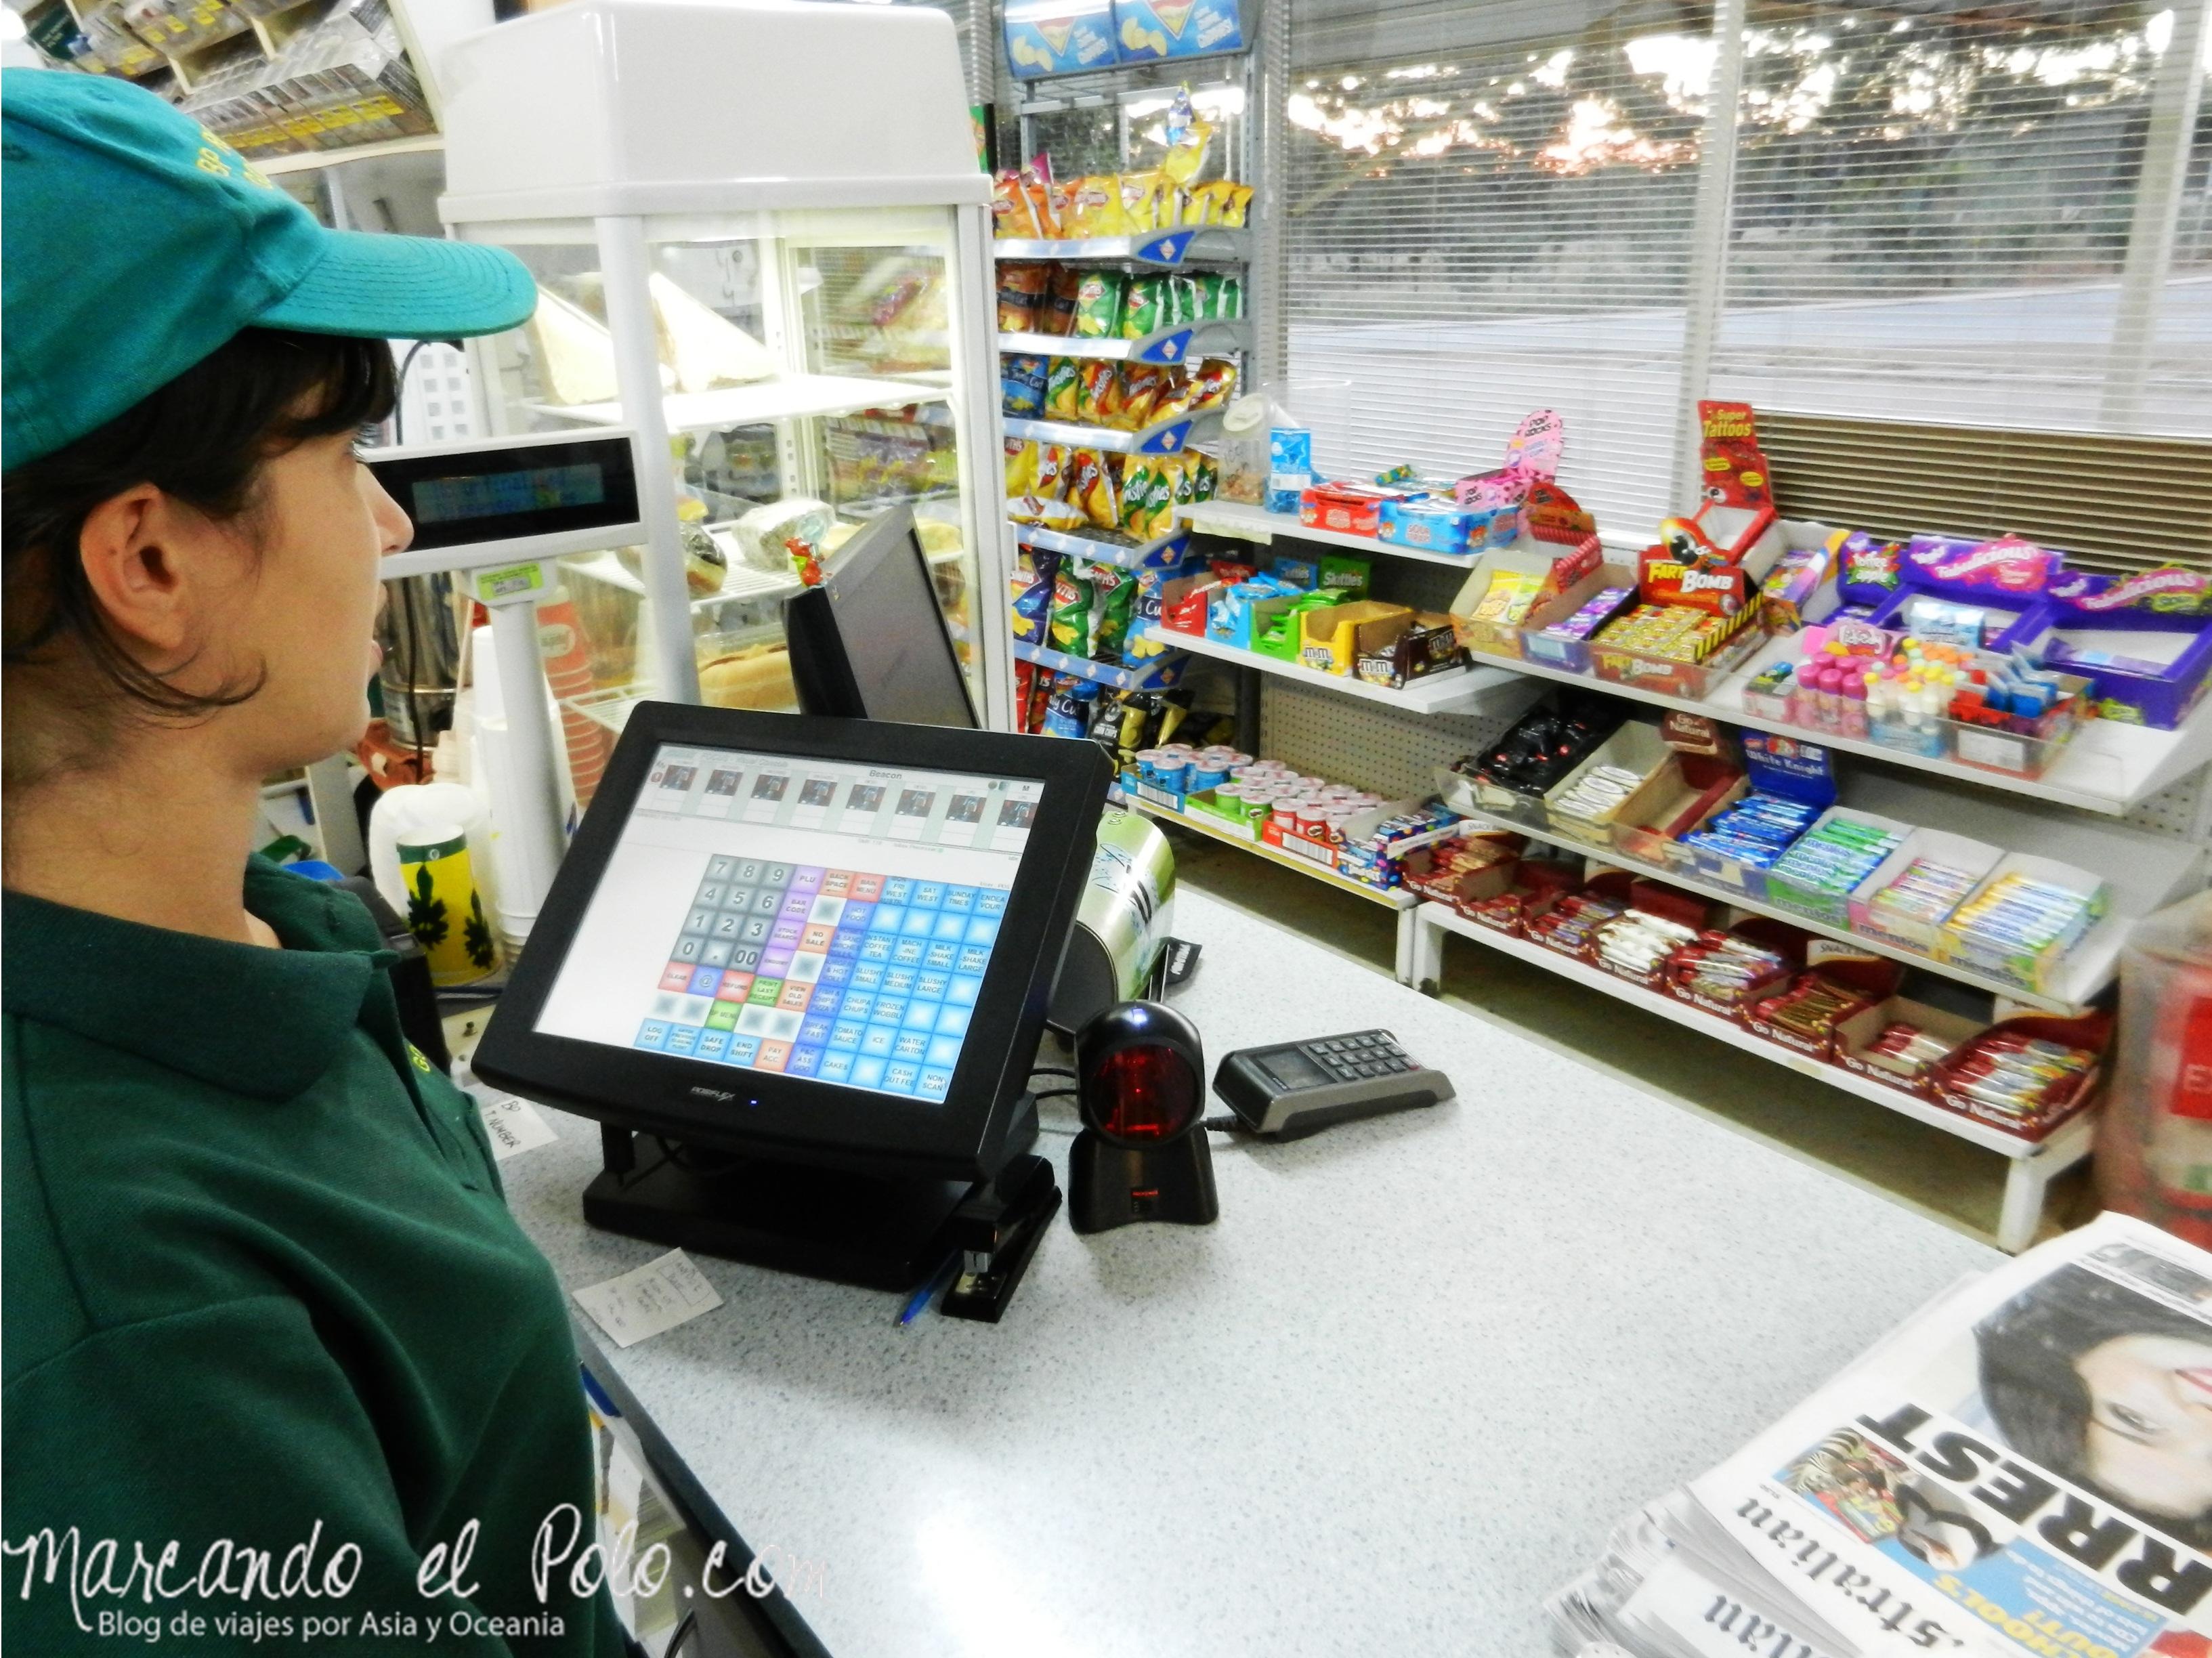 Trabajo en Australia: estación de servicio en Western Australia